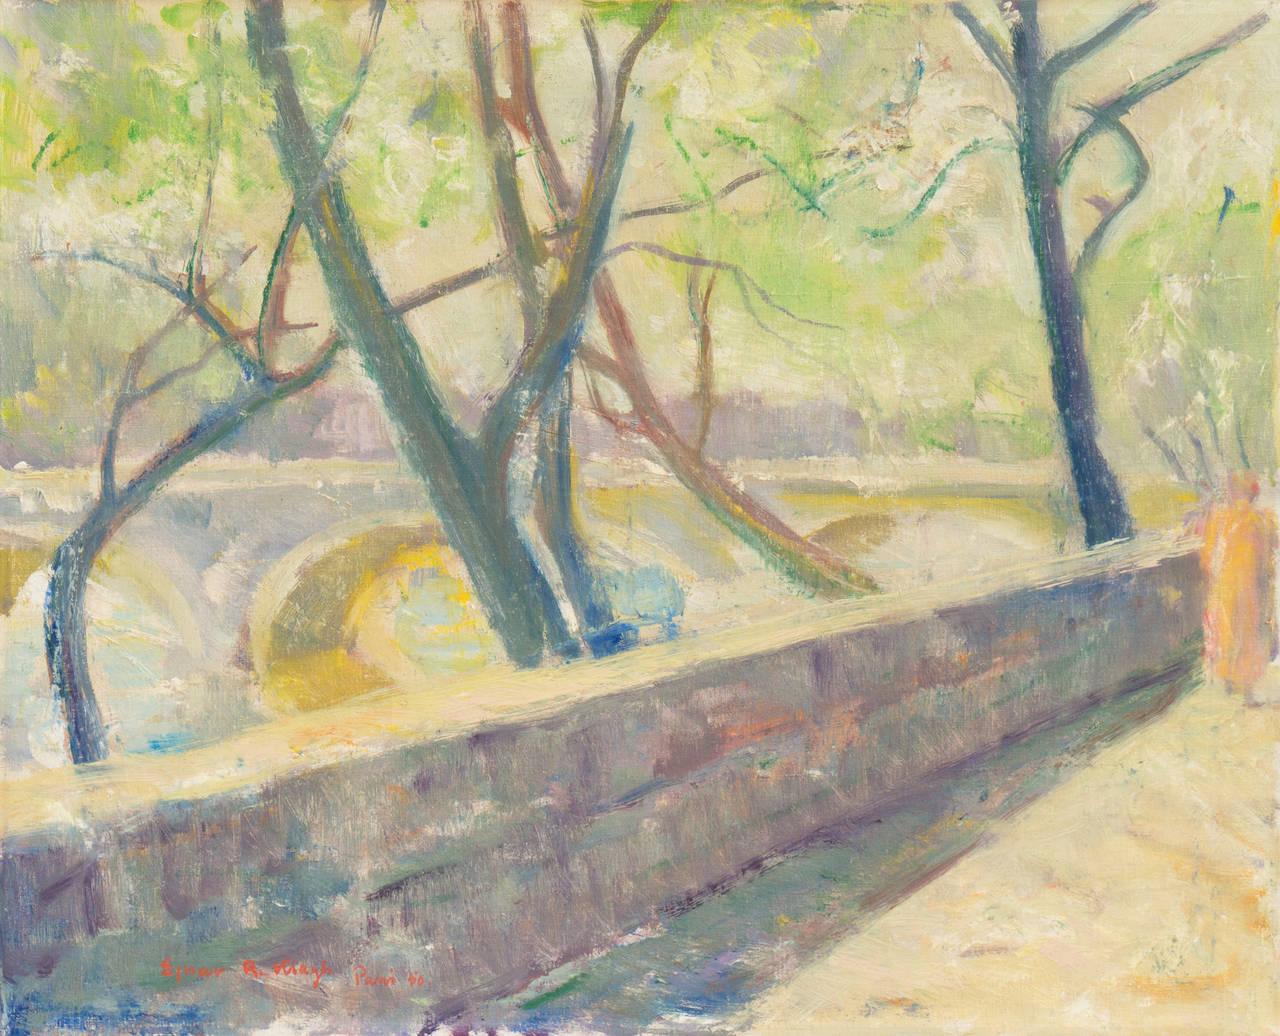 Ejnar R Kragh Landscape Painting The Pont Neuf Paris 1950 Post Impressionist Landscape Paintings Post Impressionists Painting